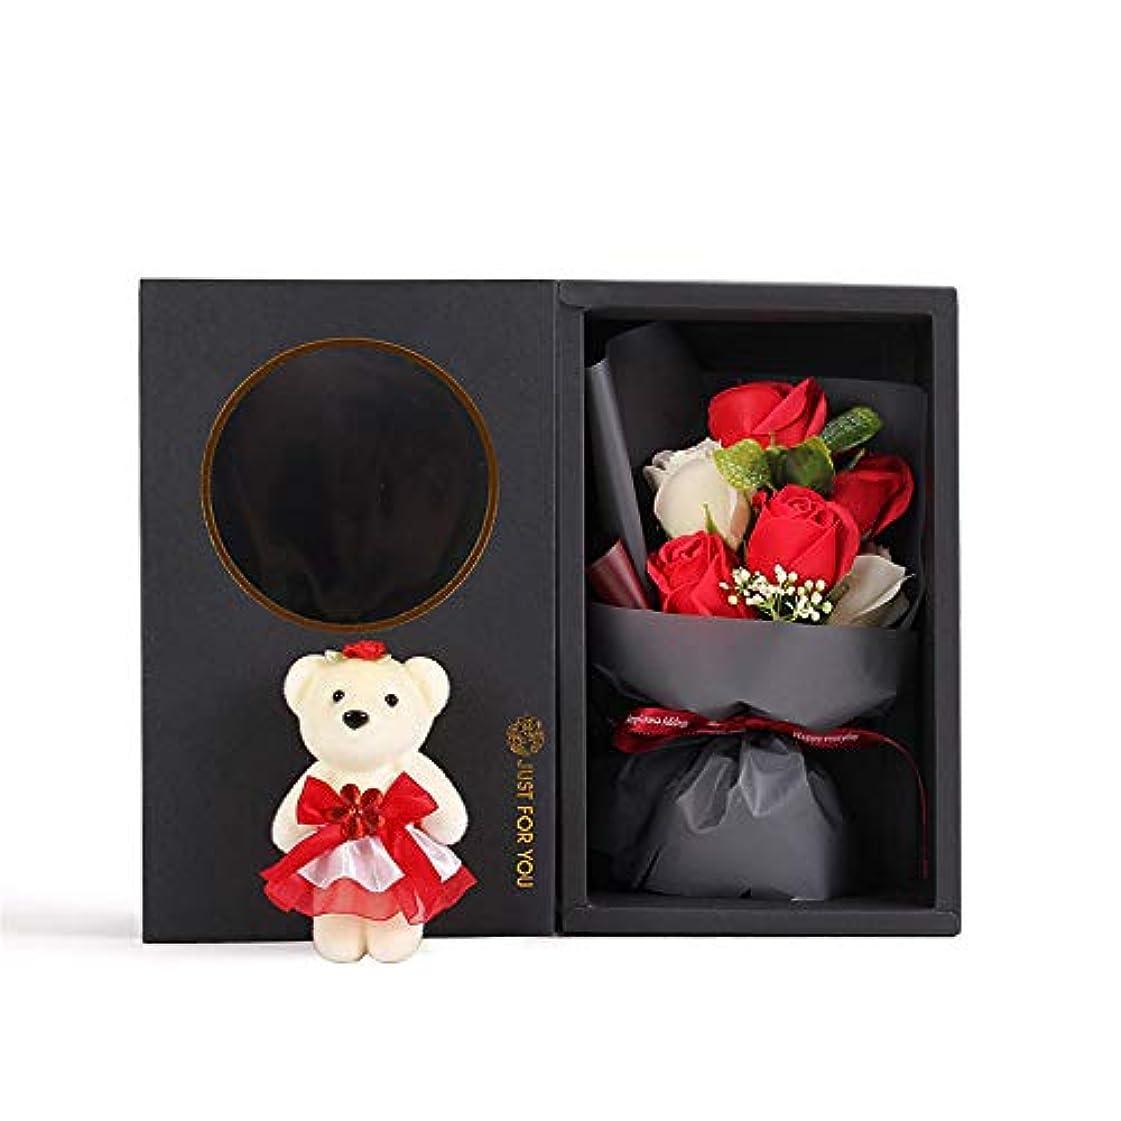 望み服を洗う誇張する手作り6石鹸花の花束ギフトボックス、女性のためのギフトあなたがバレンタインデー、母の日、結婚式、クリスマス、誕生日を愛した女の子(ベアカラーランダム) (色 : 赤)